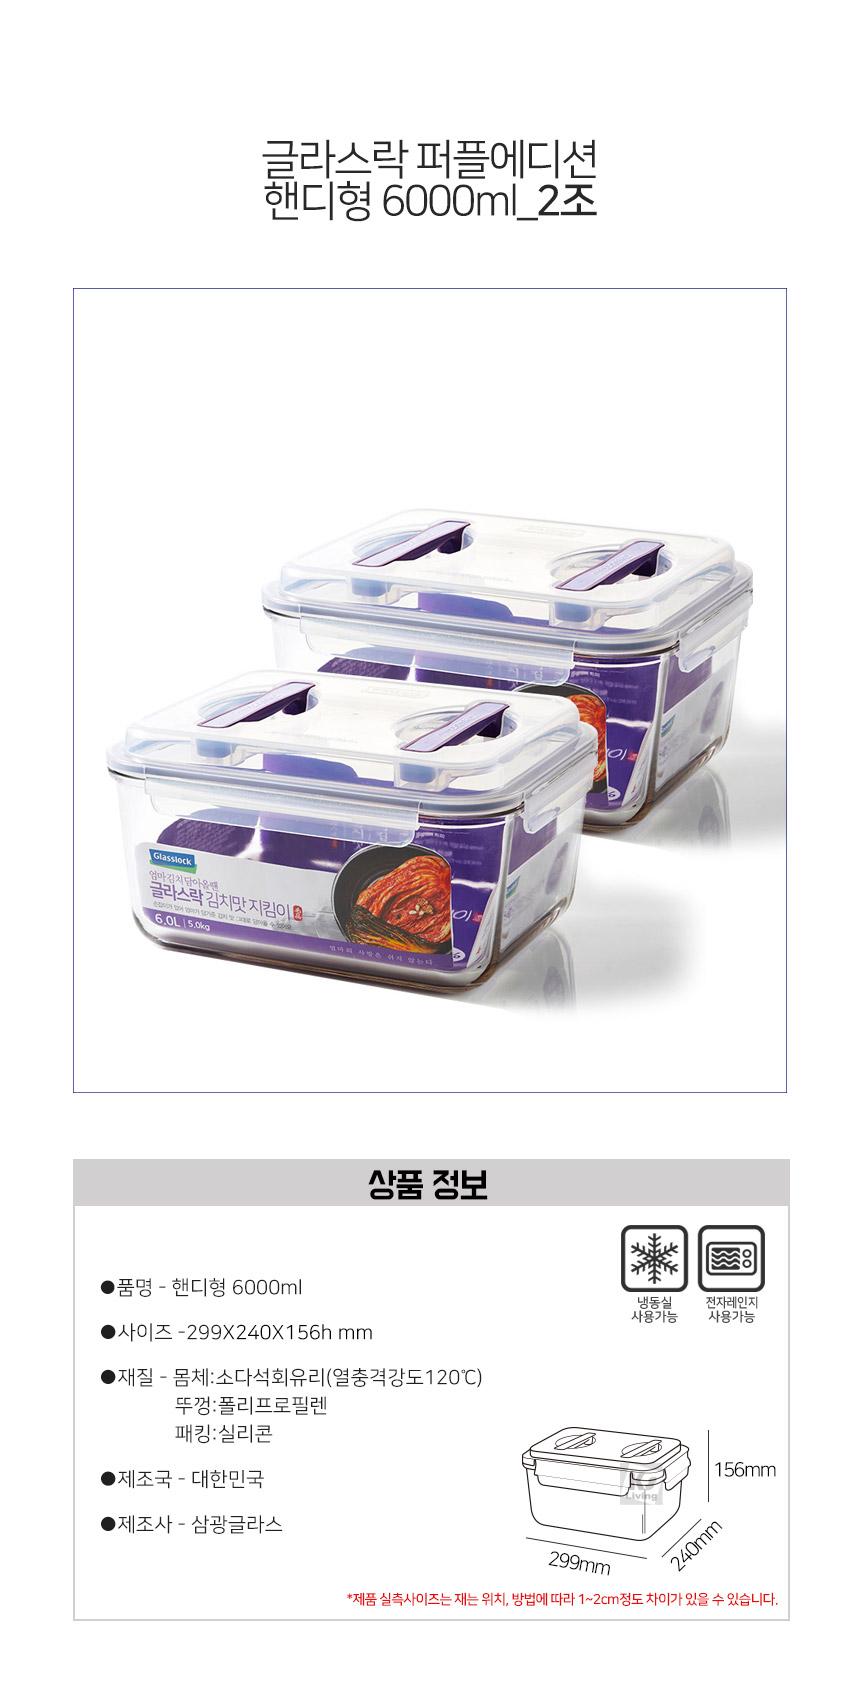 글라스락 퍼플에디션 핸디형 6000ml_2조 - 글라스락, 51,000원, 밀폐/보관용기, 반찬/밀폐용기